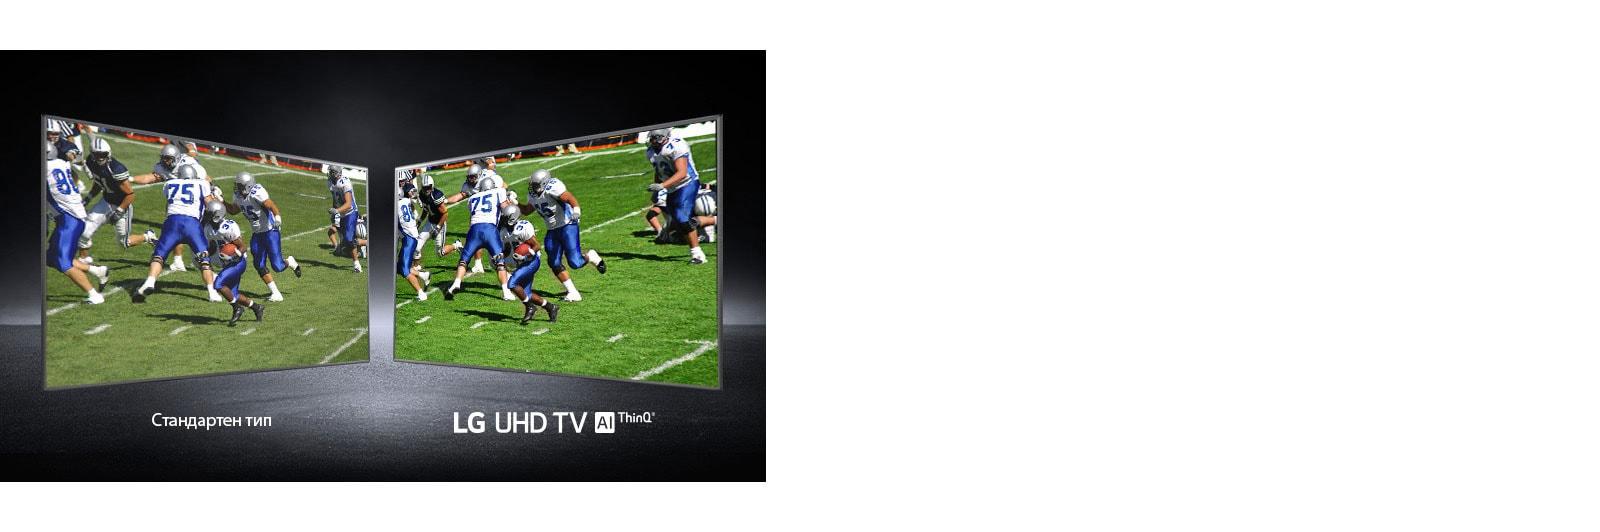 Картина с футболисти, които играят на терен, показан от различни гледни точки. Изображение от конвенционален екран и от UHD телевизор.